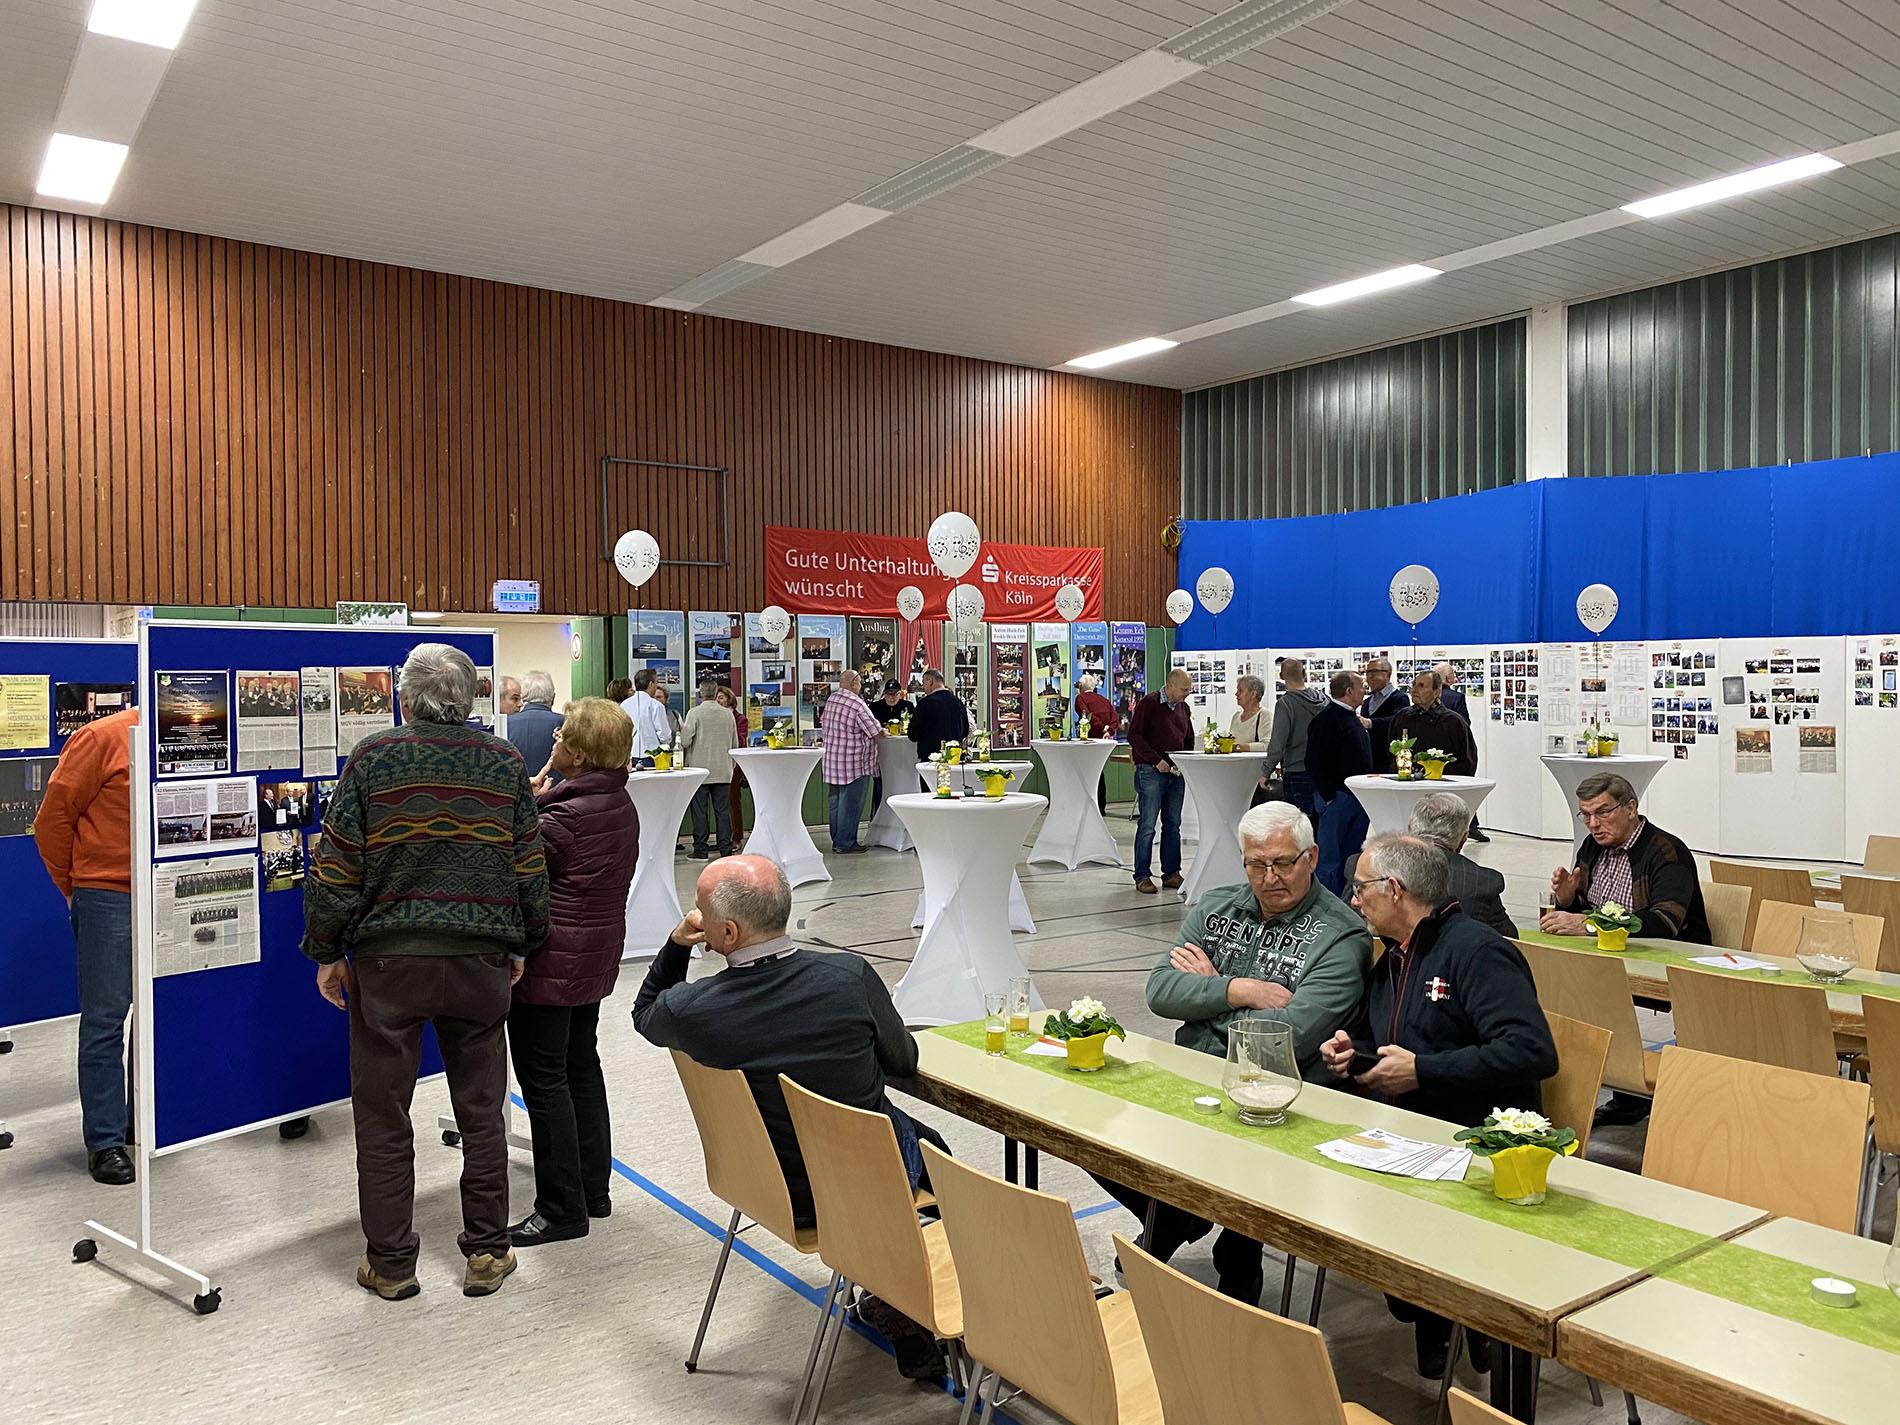 Interessiert haben die BesucherInnen der Fotoausstellung die zahlreichen Fotos und Dokumente in der Ausstellung studiert und waren von der 90-jährigen Chorgeschichte beeindruckt. (Fotos: Bastian Schlößer)